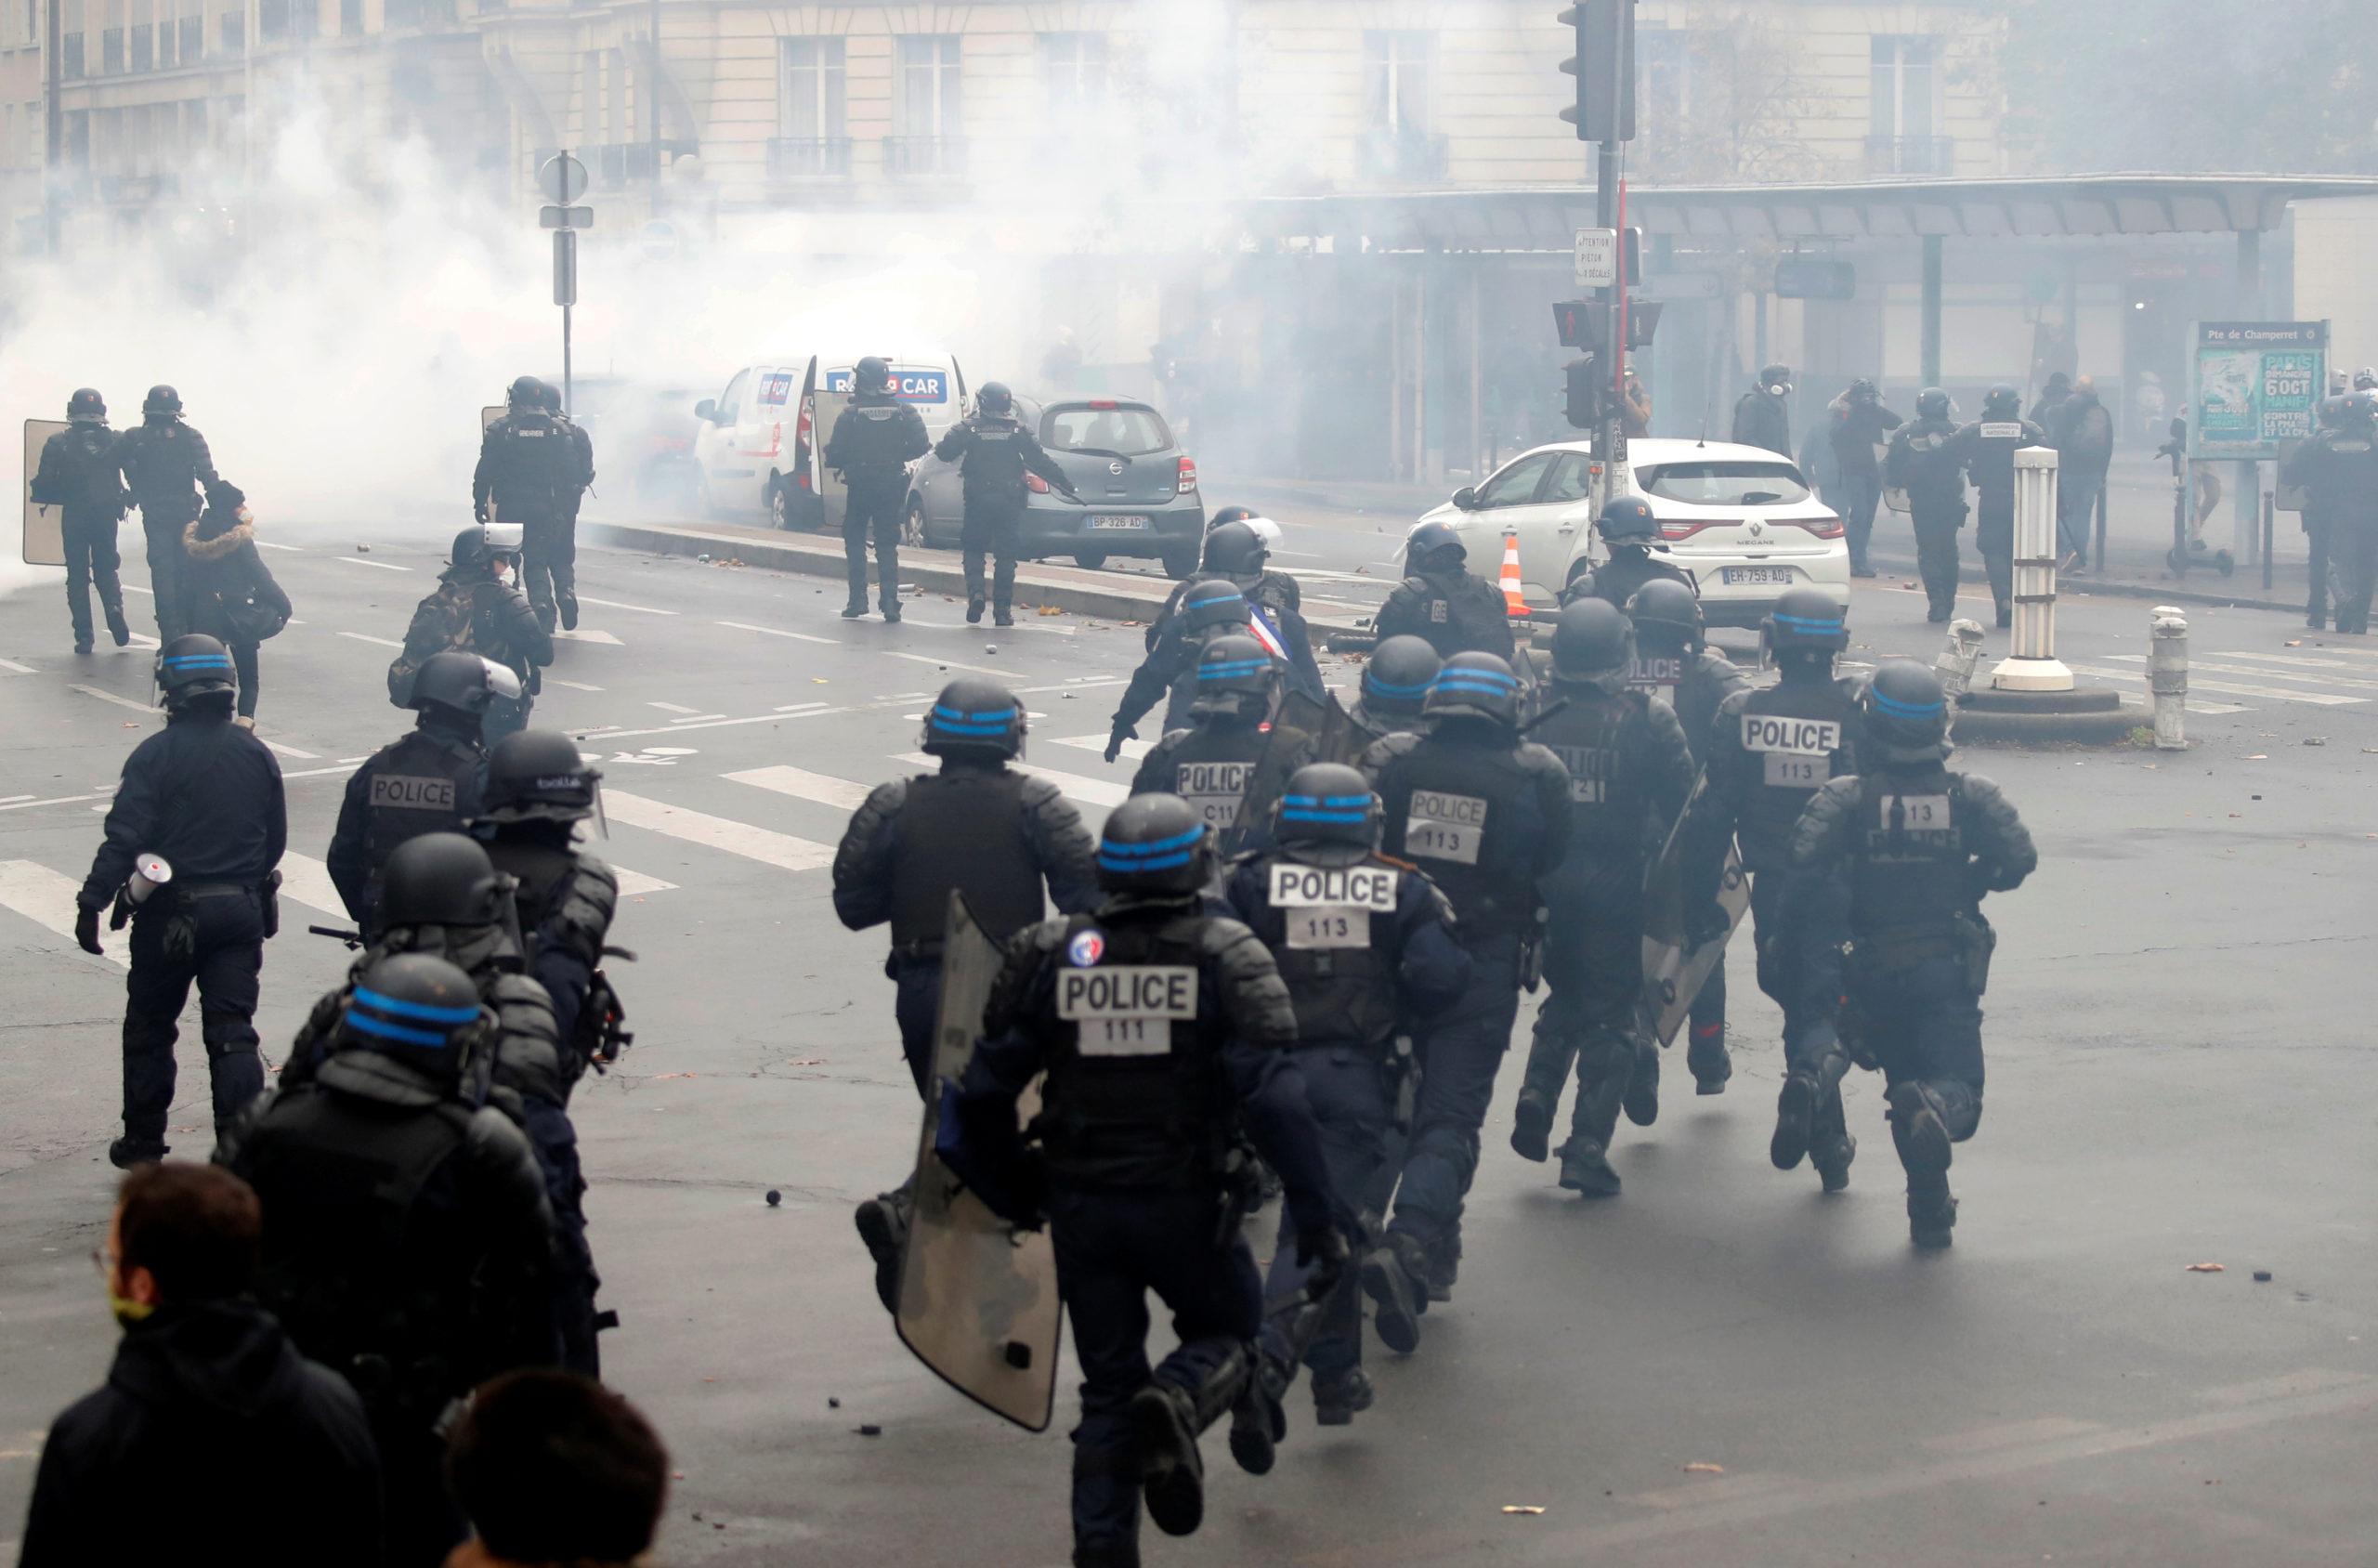 """Des violences ont éclaté samedi à Paris avant le départ de manifestations de """"Gilets jaunes"""", entraînant l'annulation de l'une d'entre elles au départ de la place d'Italie, où la police a fait usage de gaz lacrymogène et de canons à eau face à des personnes vêtues de noir et au visage masqué. /Photo prise le 16 novembre 2019/REUTERS/Charles Platiau"""